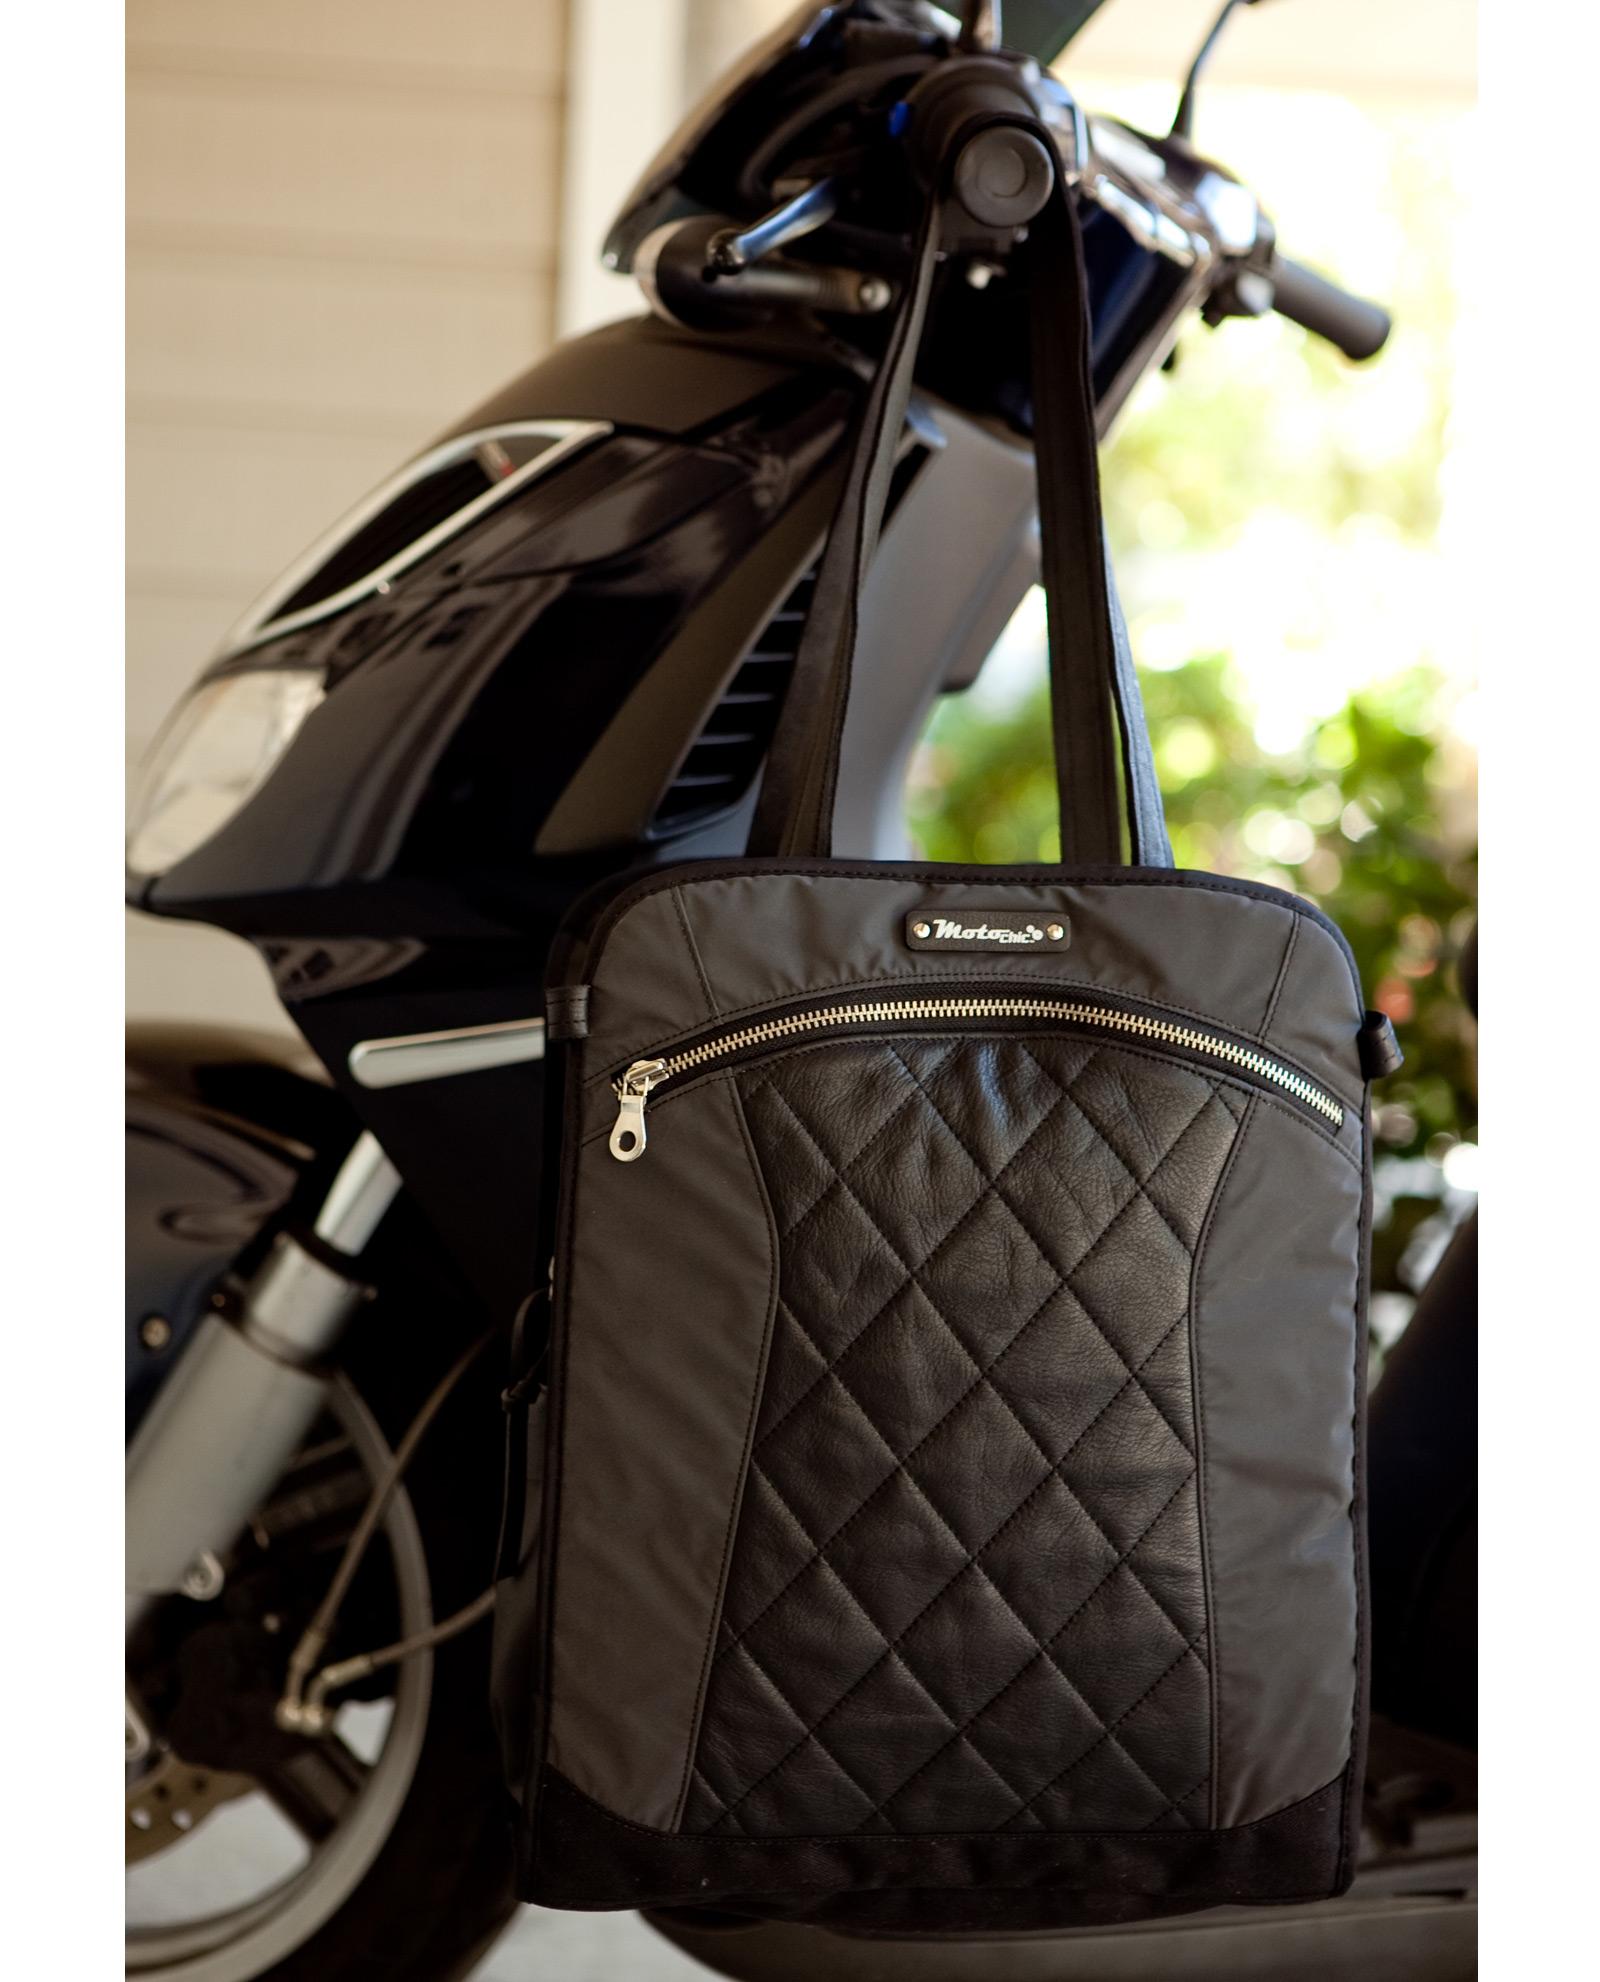 7fefc896c20 The Lauren bag  Black